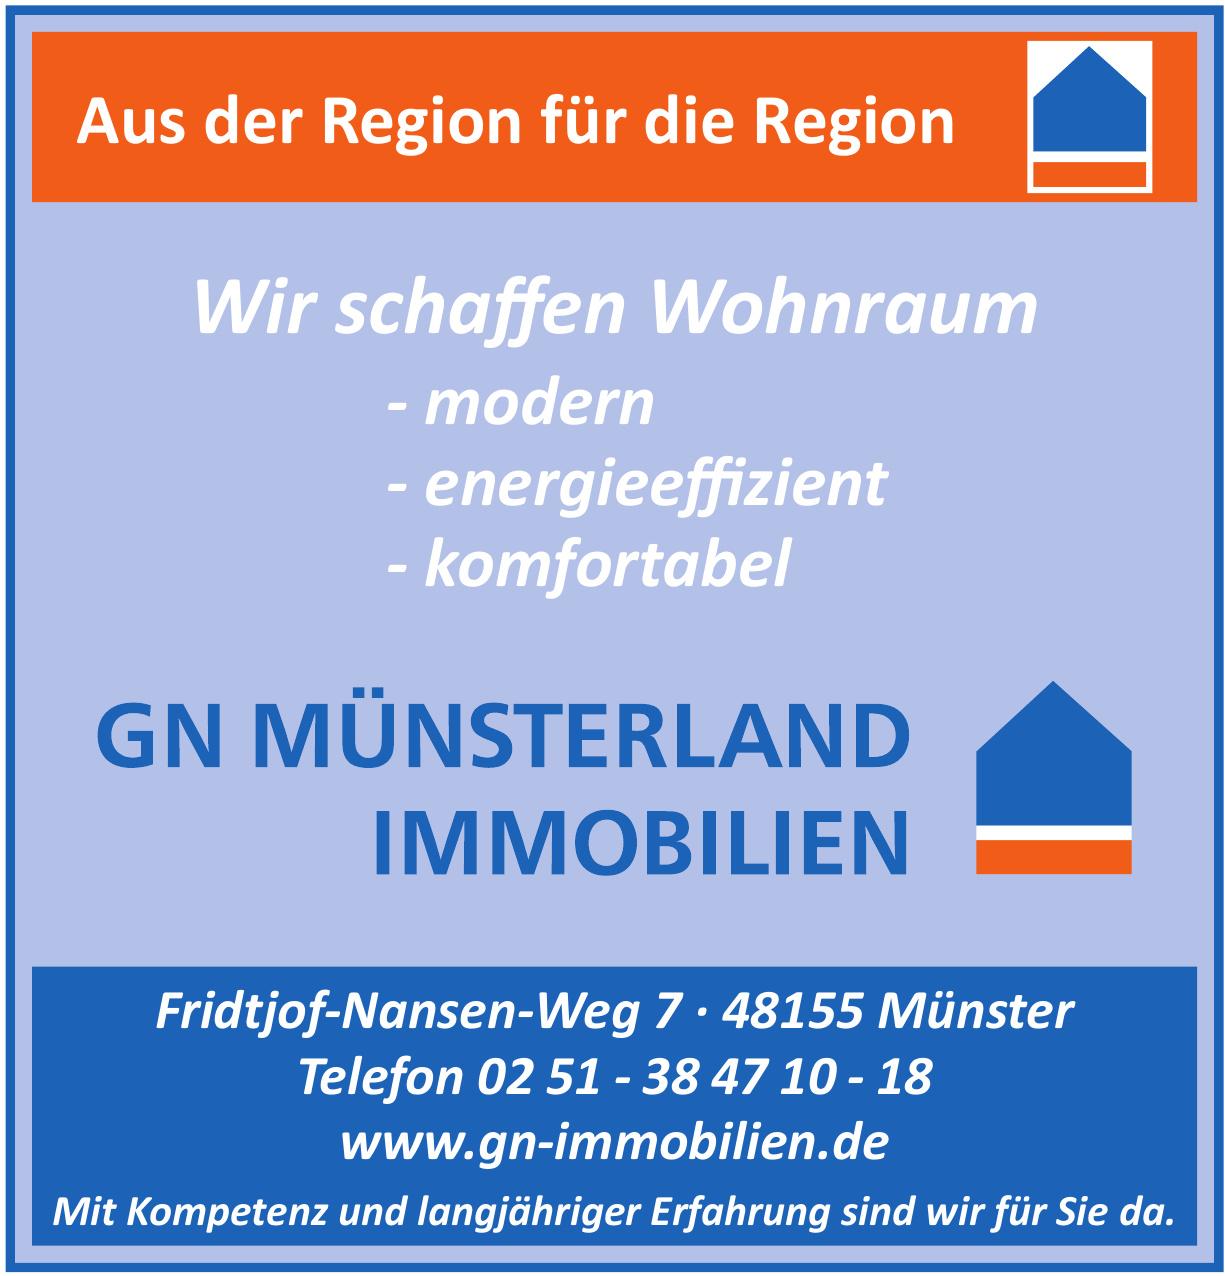 GN Münsterland Immobilien